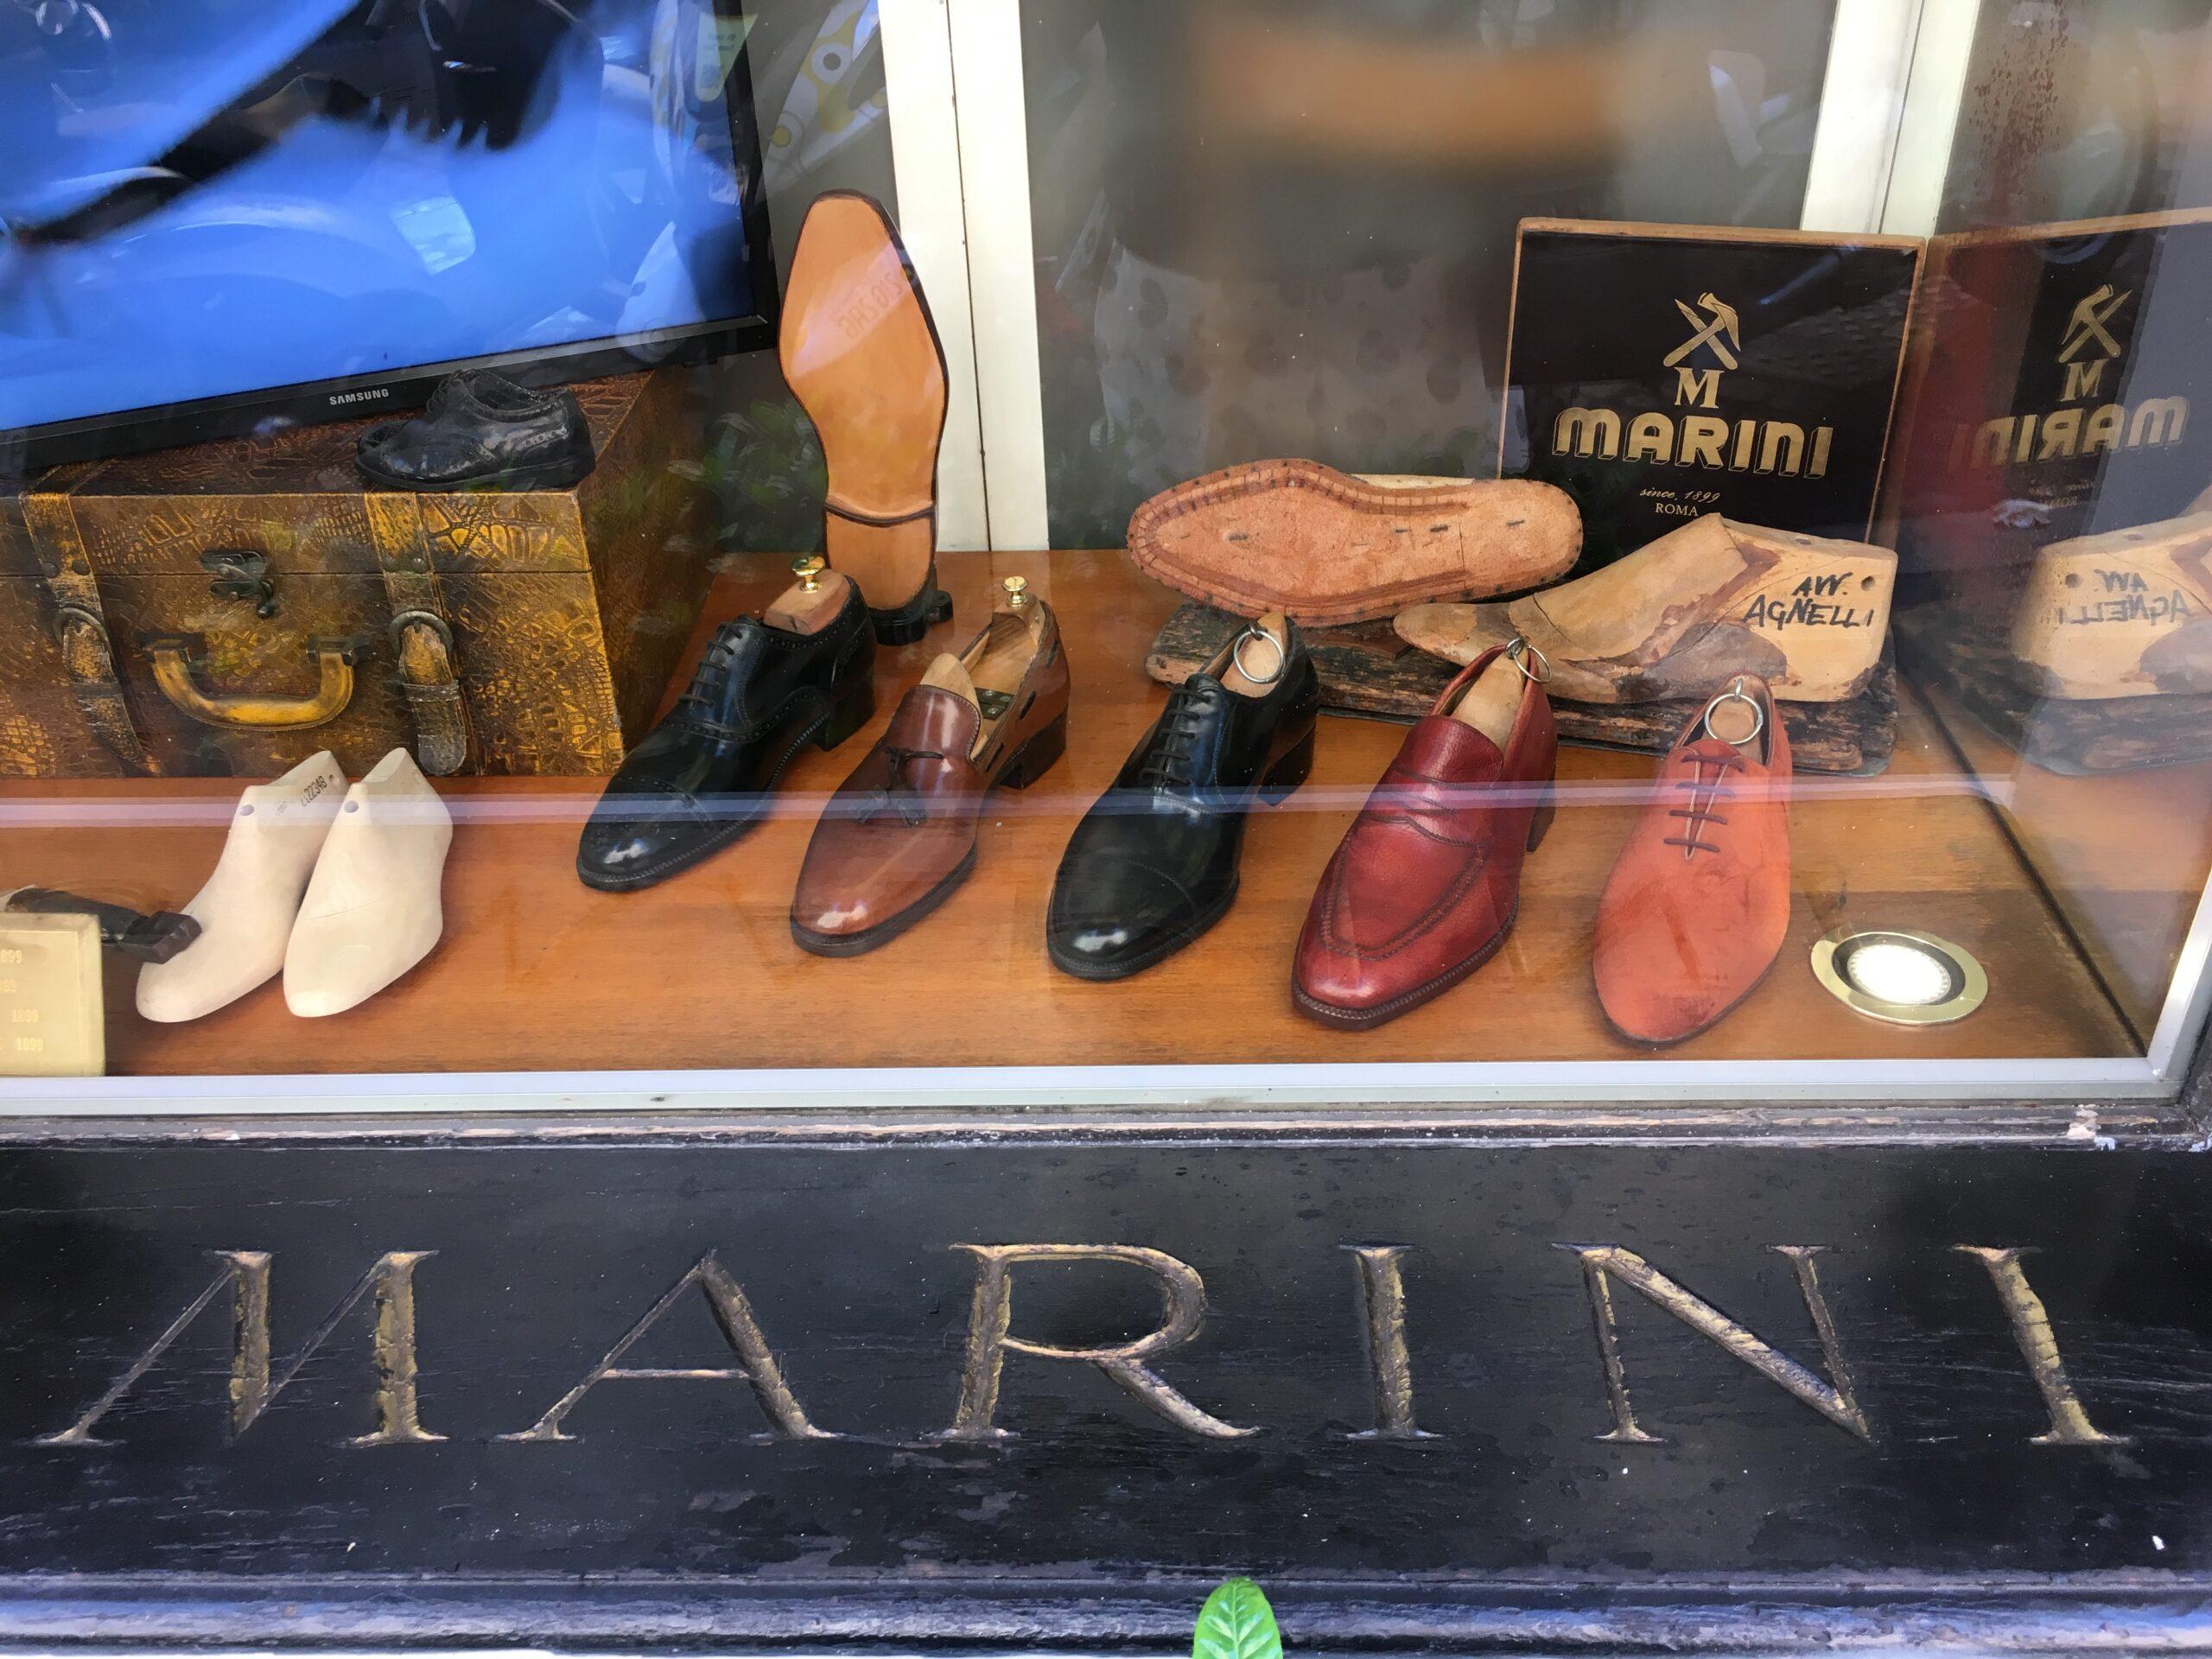 正統な紳士靴を嗜むvol.27〜イタリア最古の注文靴マリーニ